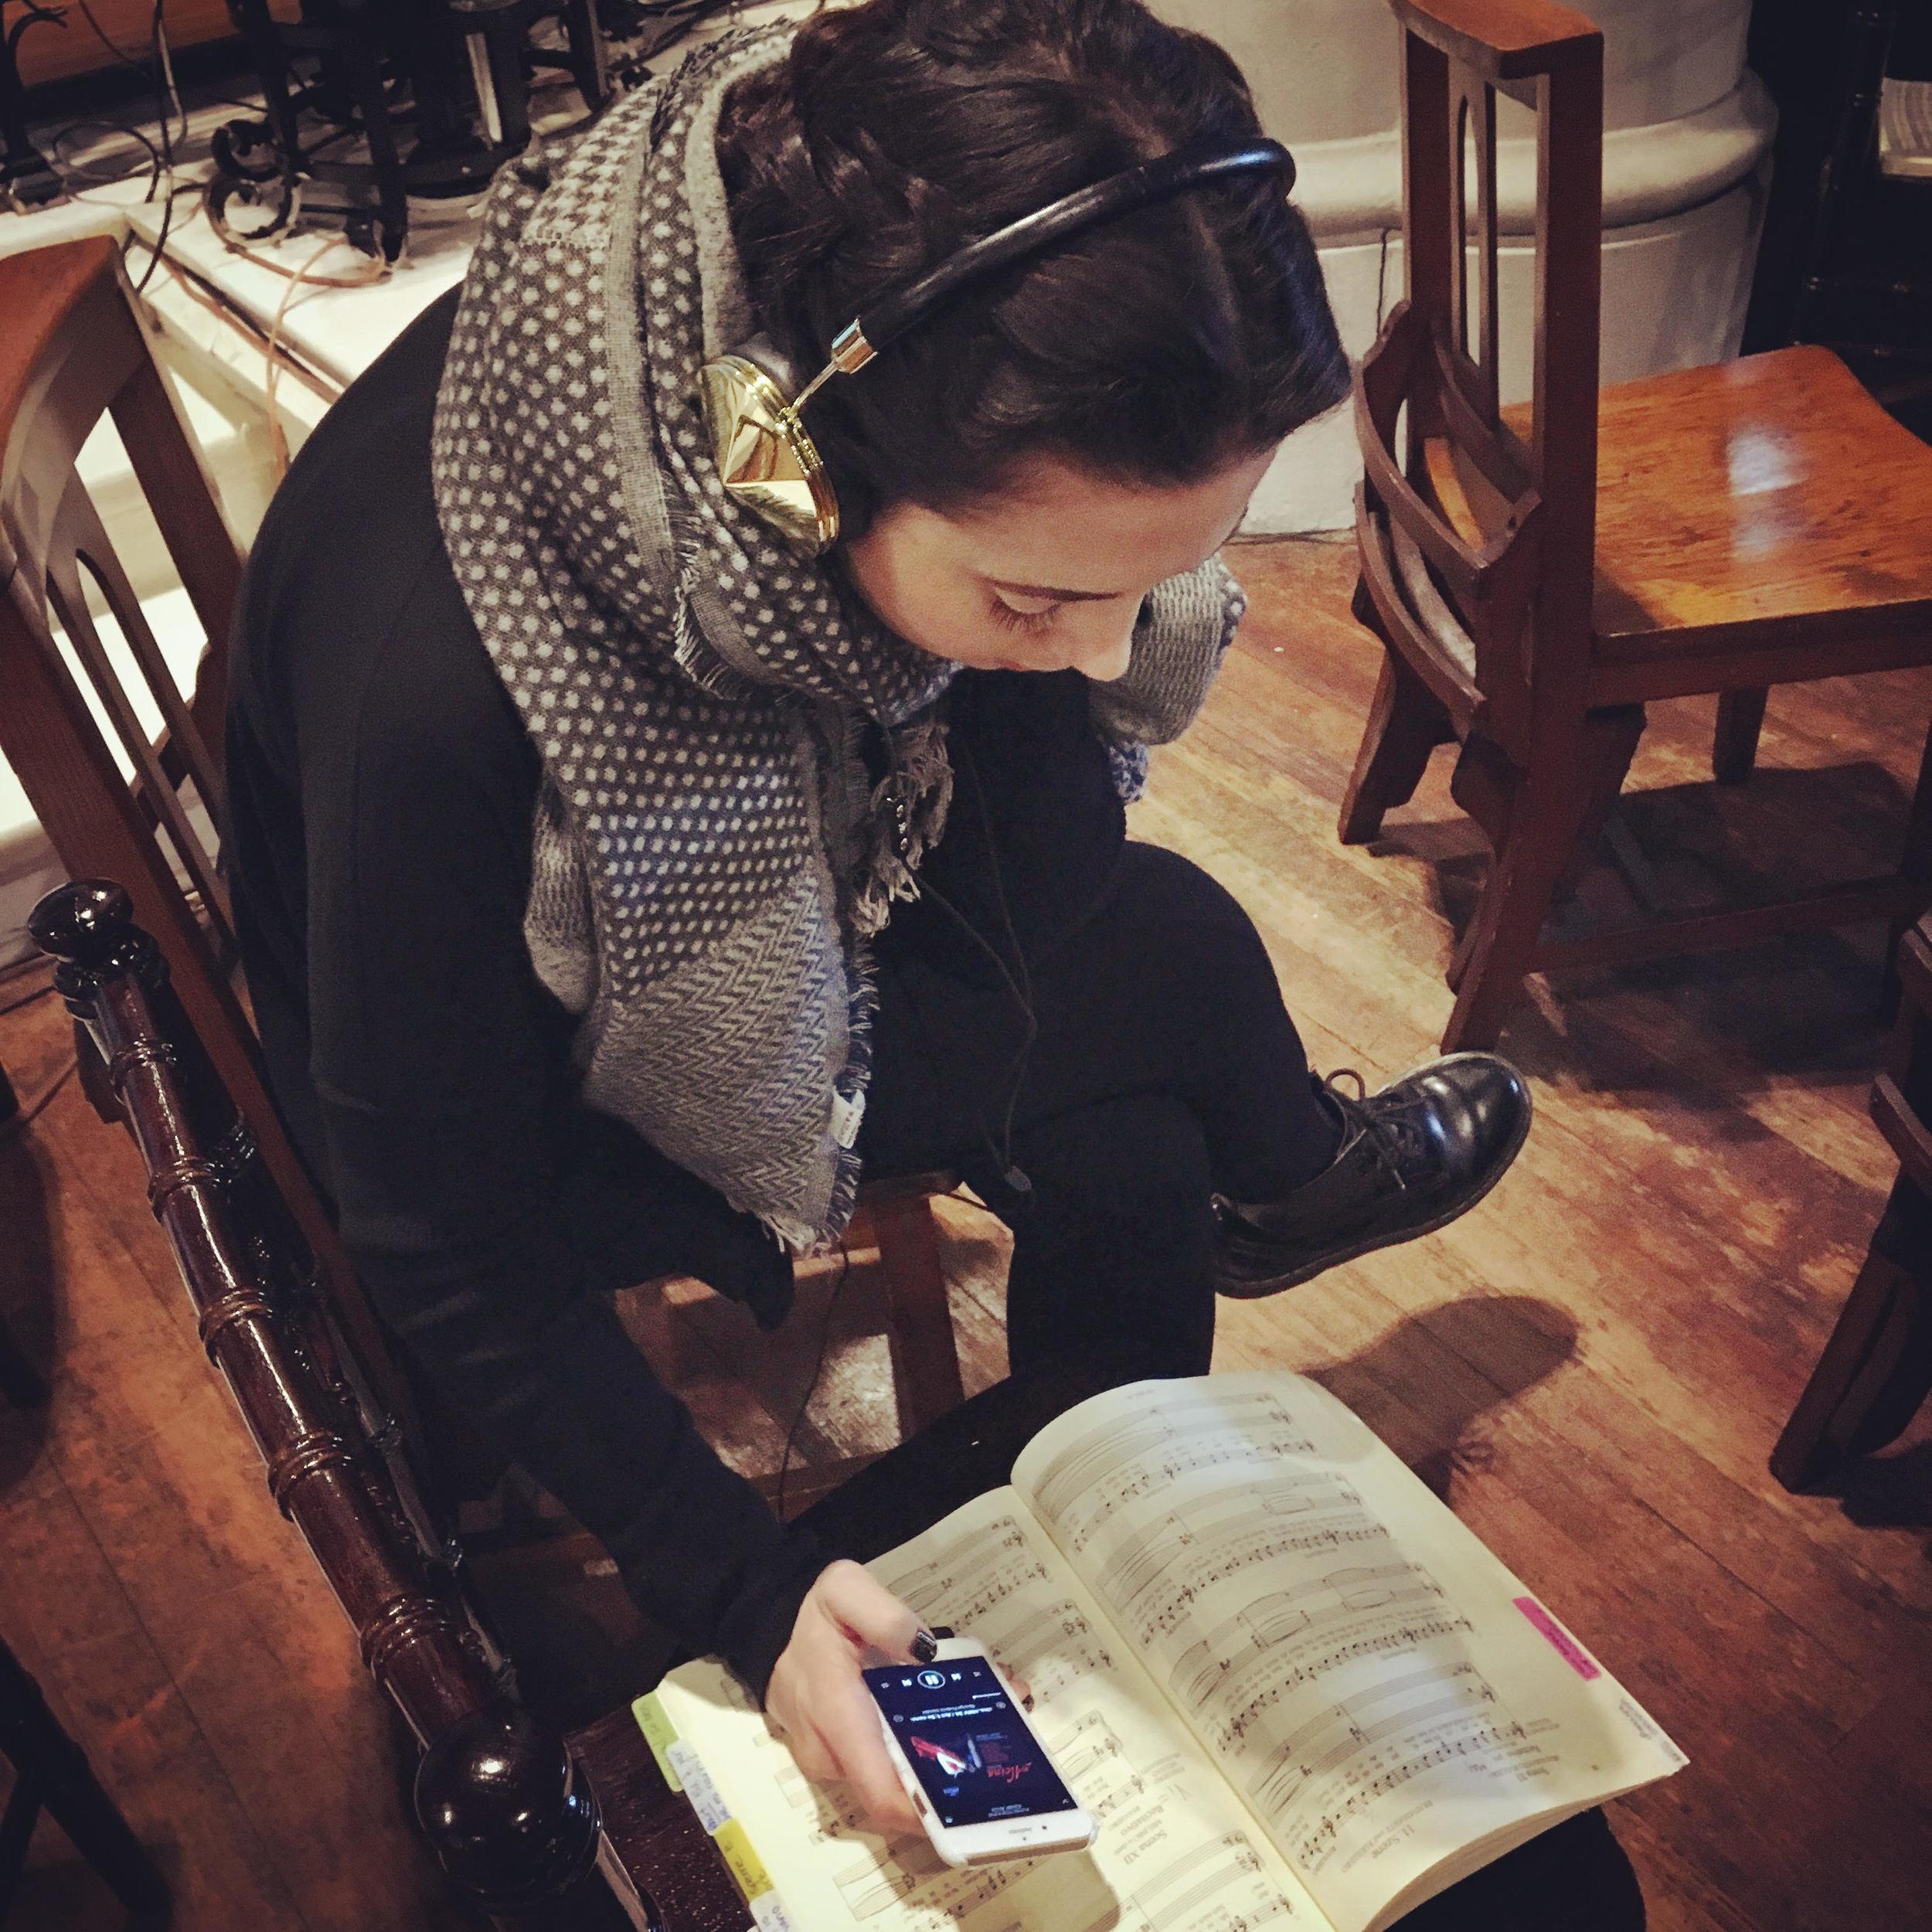 Barbara studies her music in between rehearsing scenes.